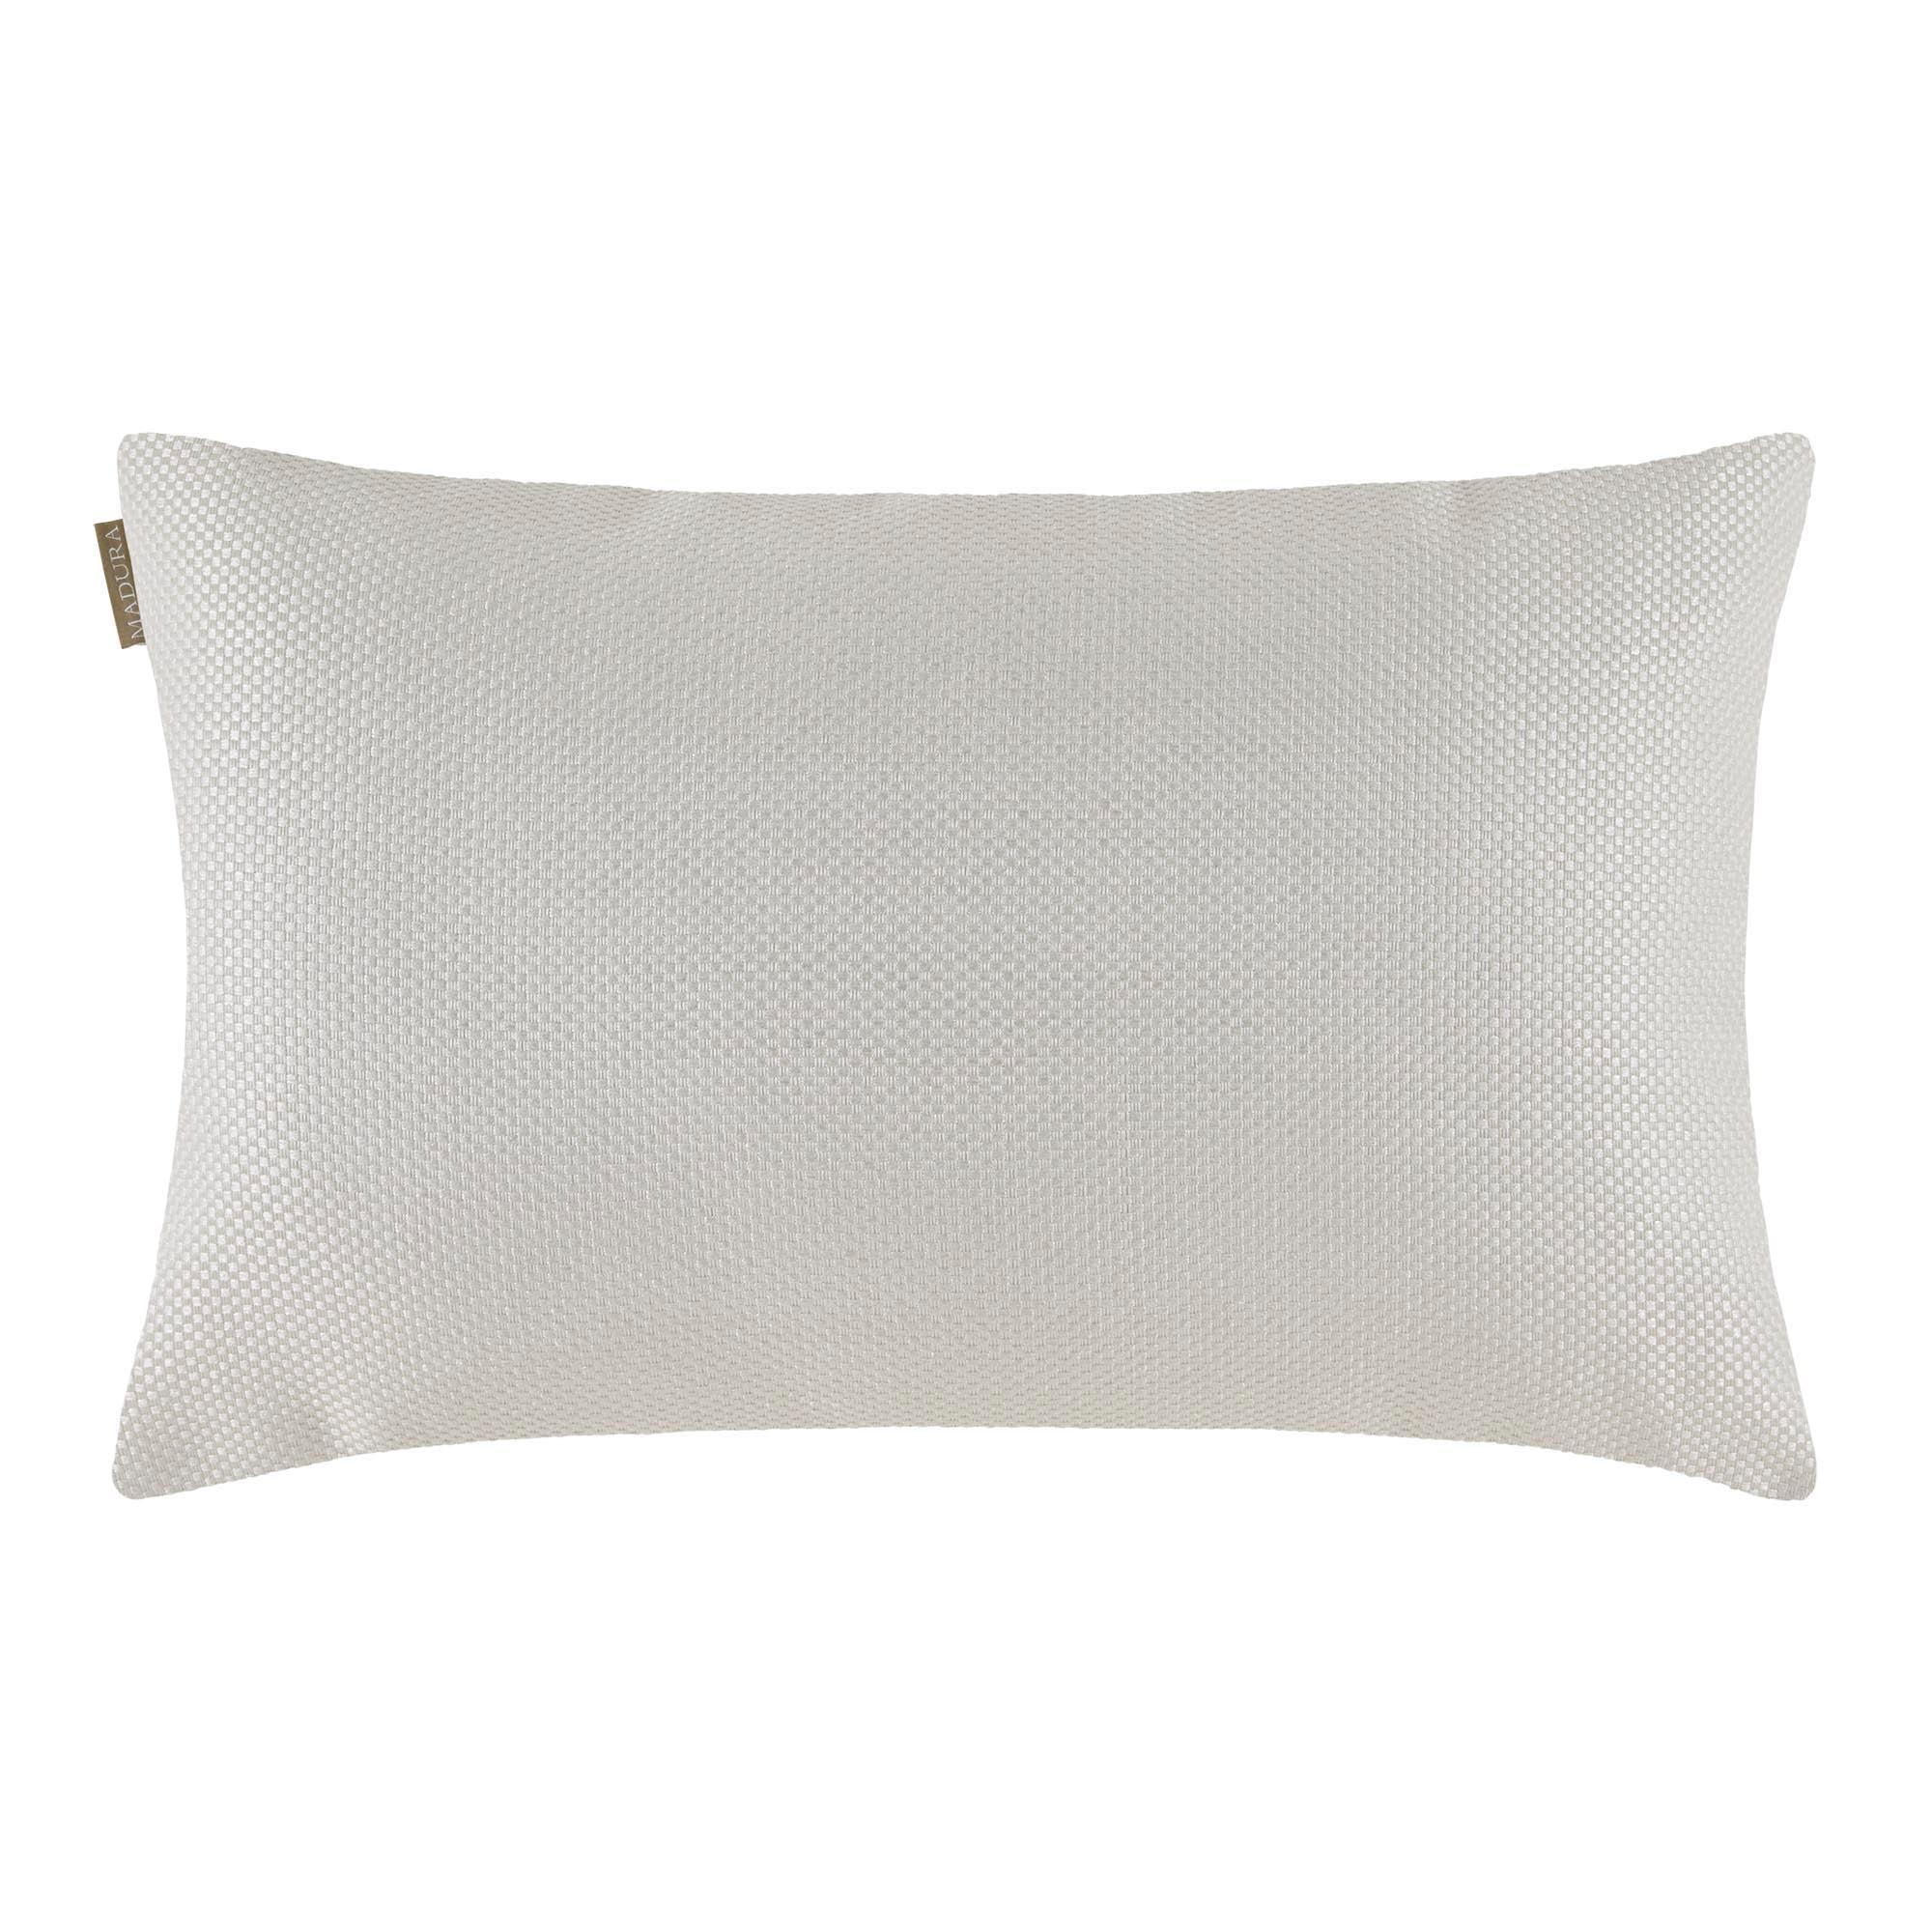 Housse de coussin 45x70 cm Blanc